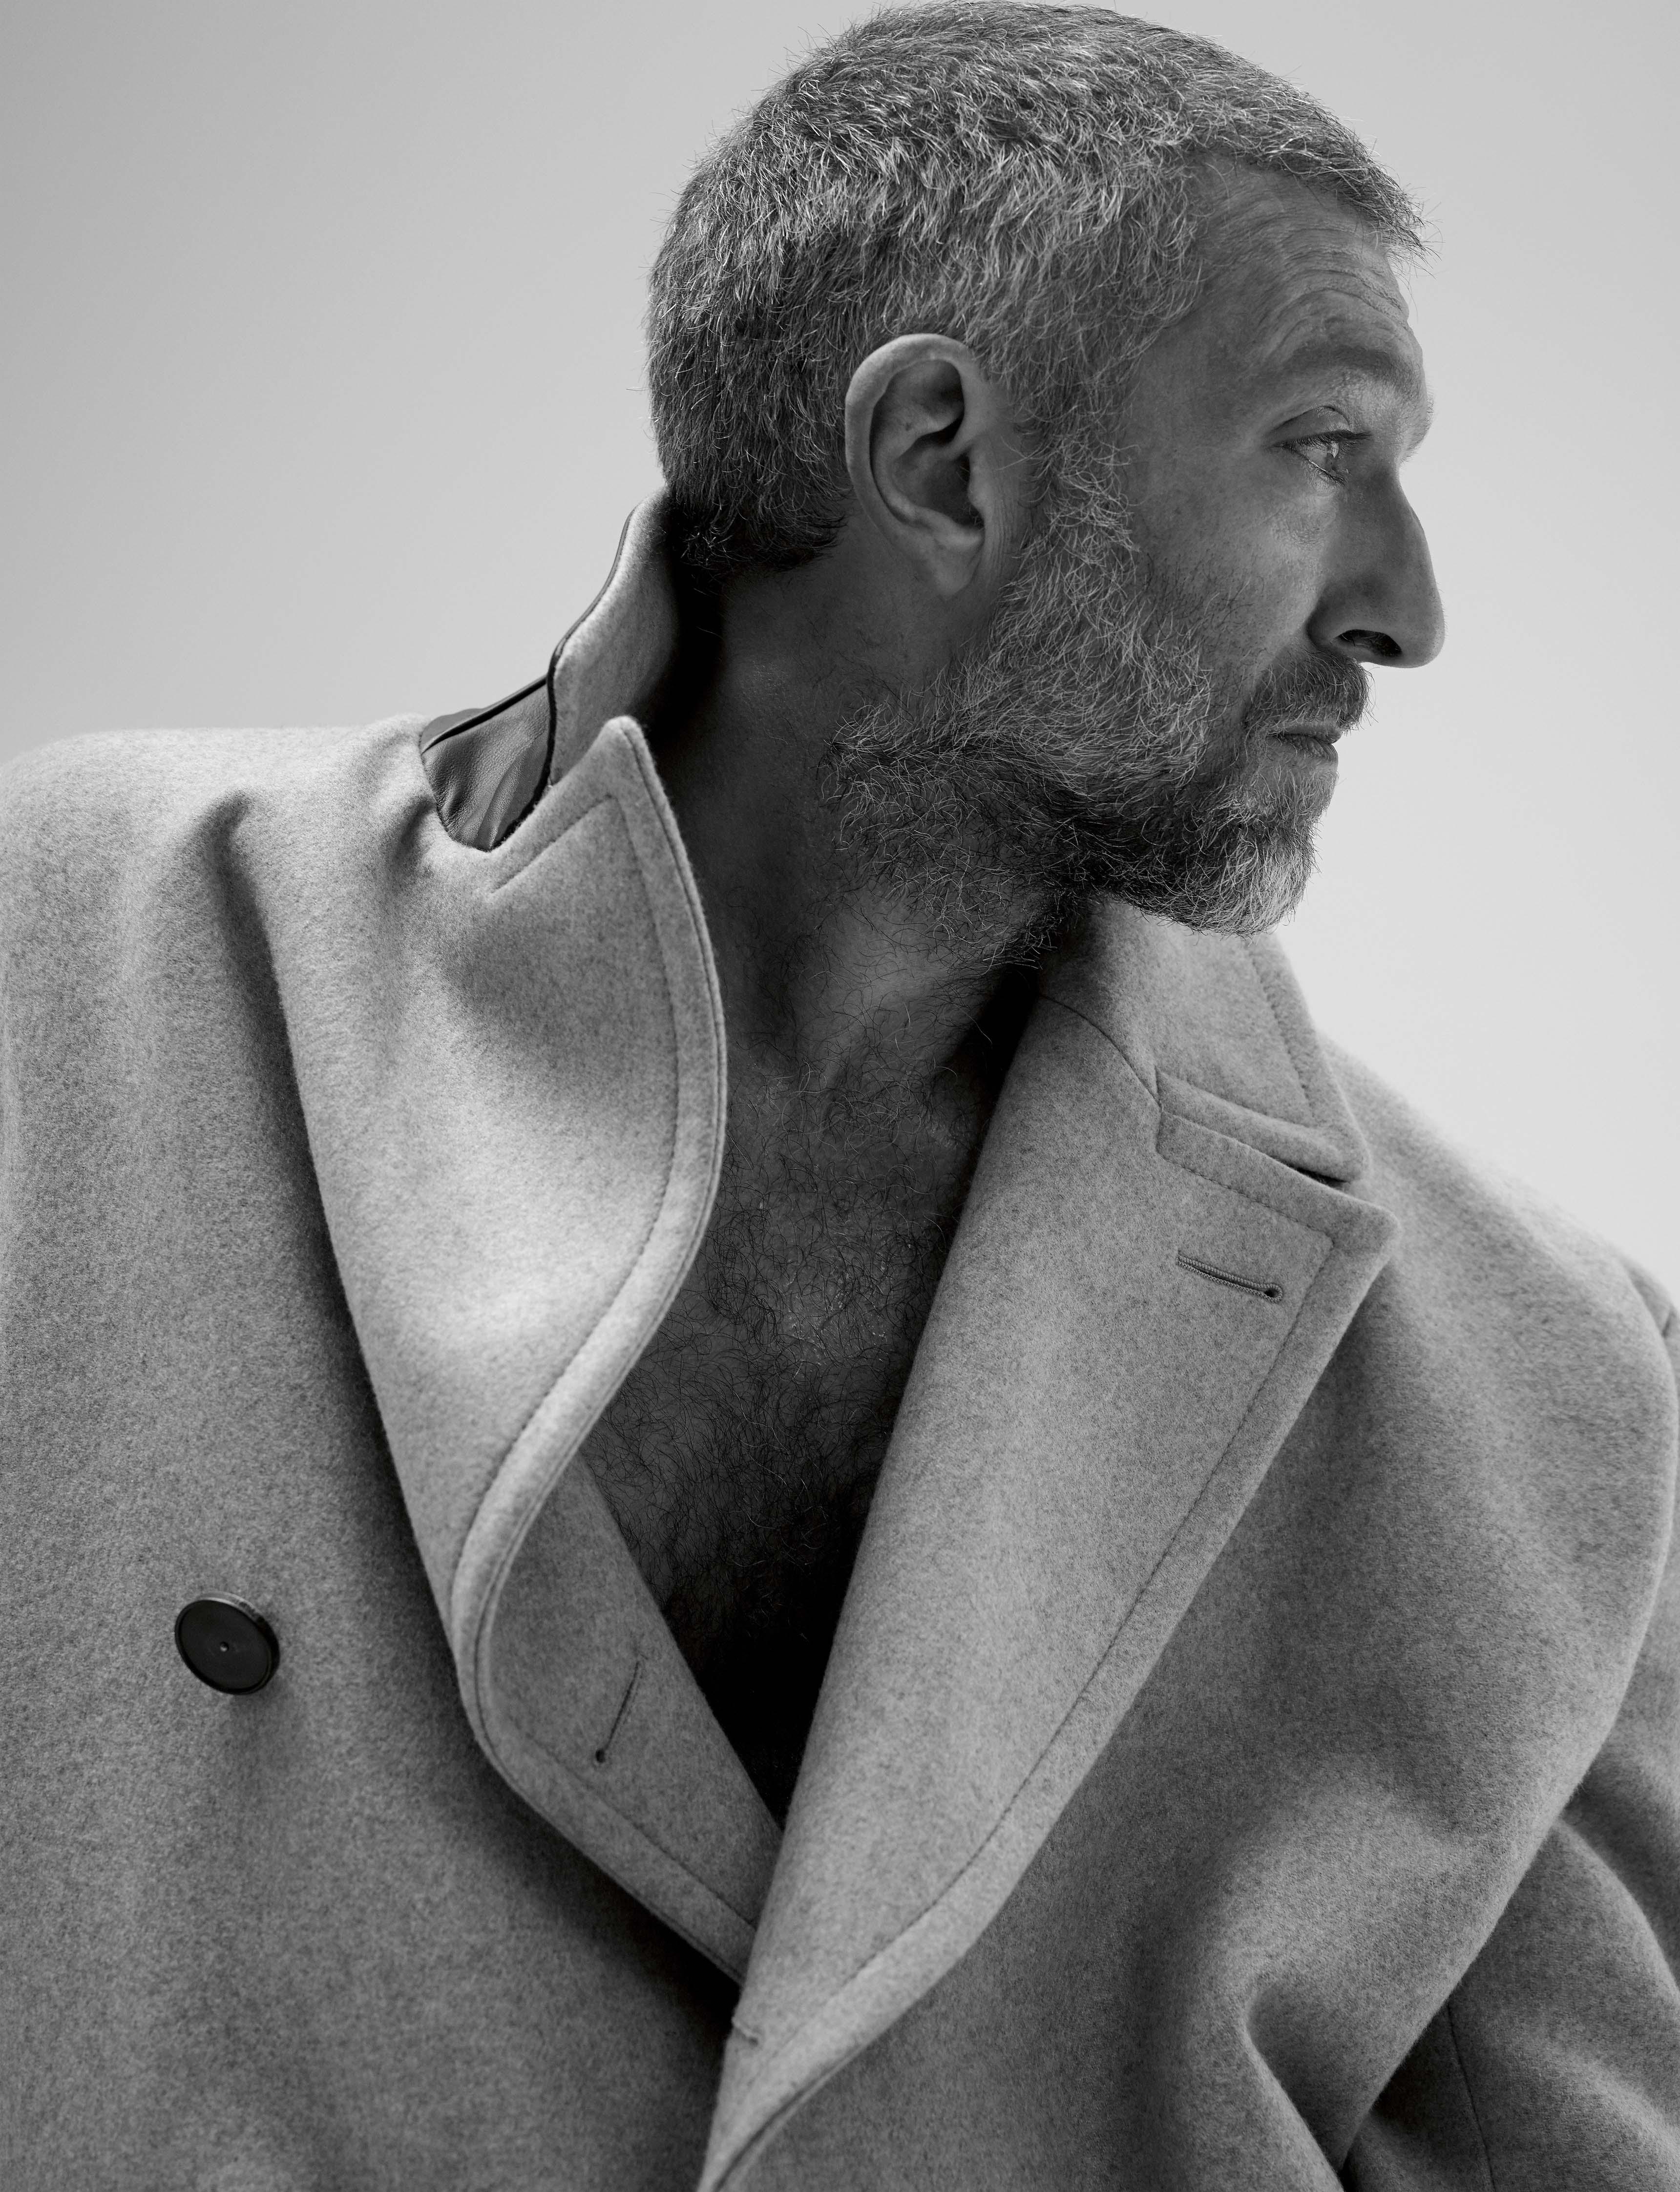 Manteau à boutonnage asymétrique en cachemire technique double face à détails cuir, HERMÈS.